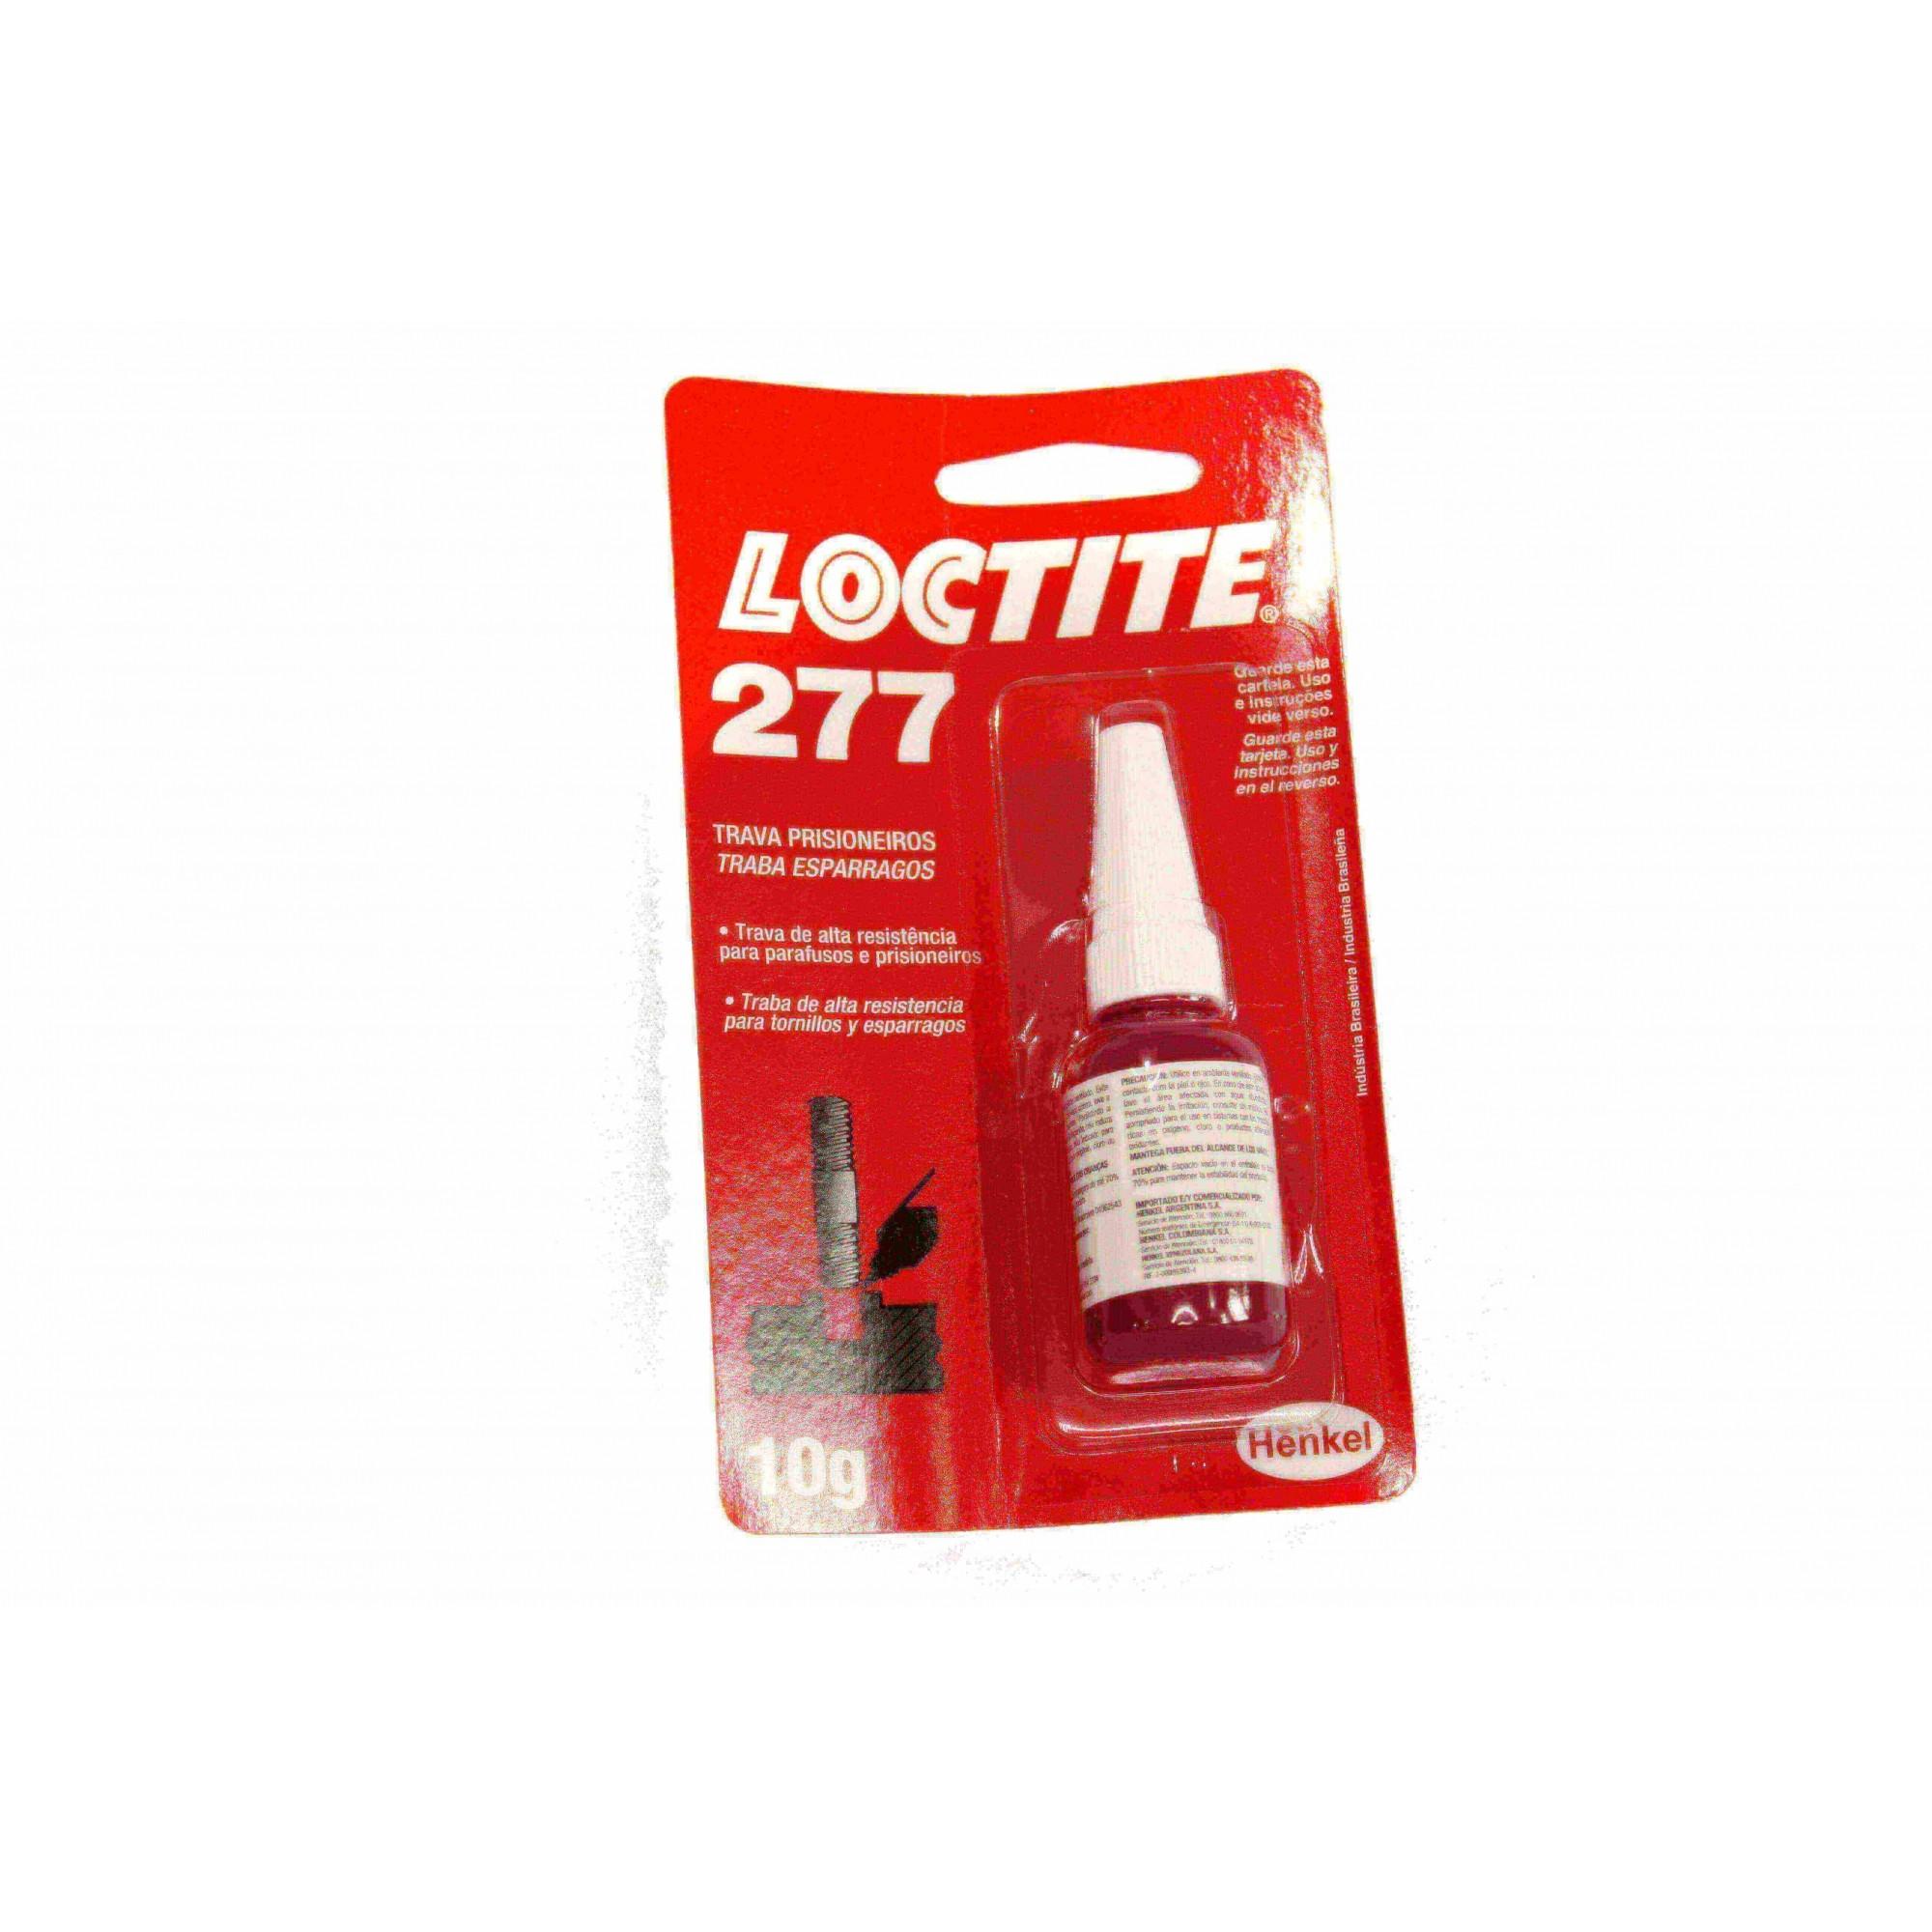 ADESIVO LOCTITE 277 - 10G - Cód. 7082156